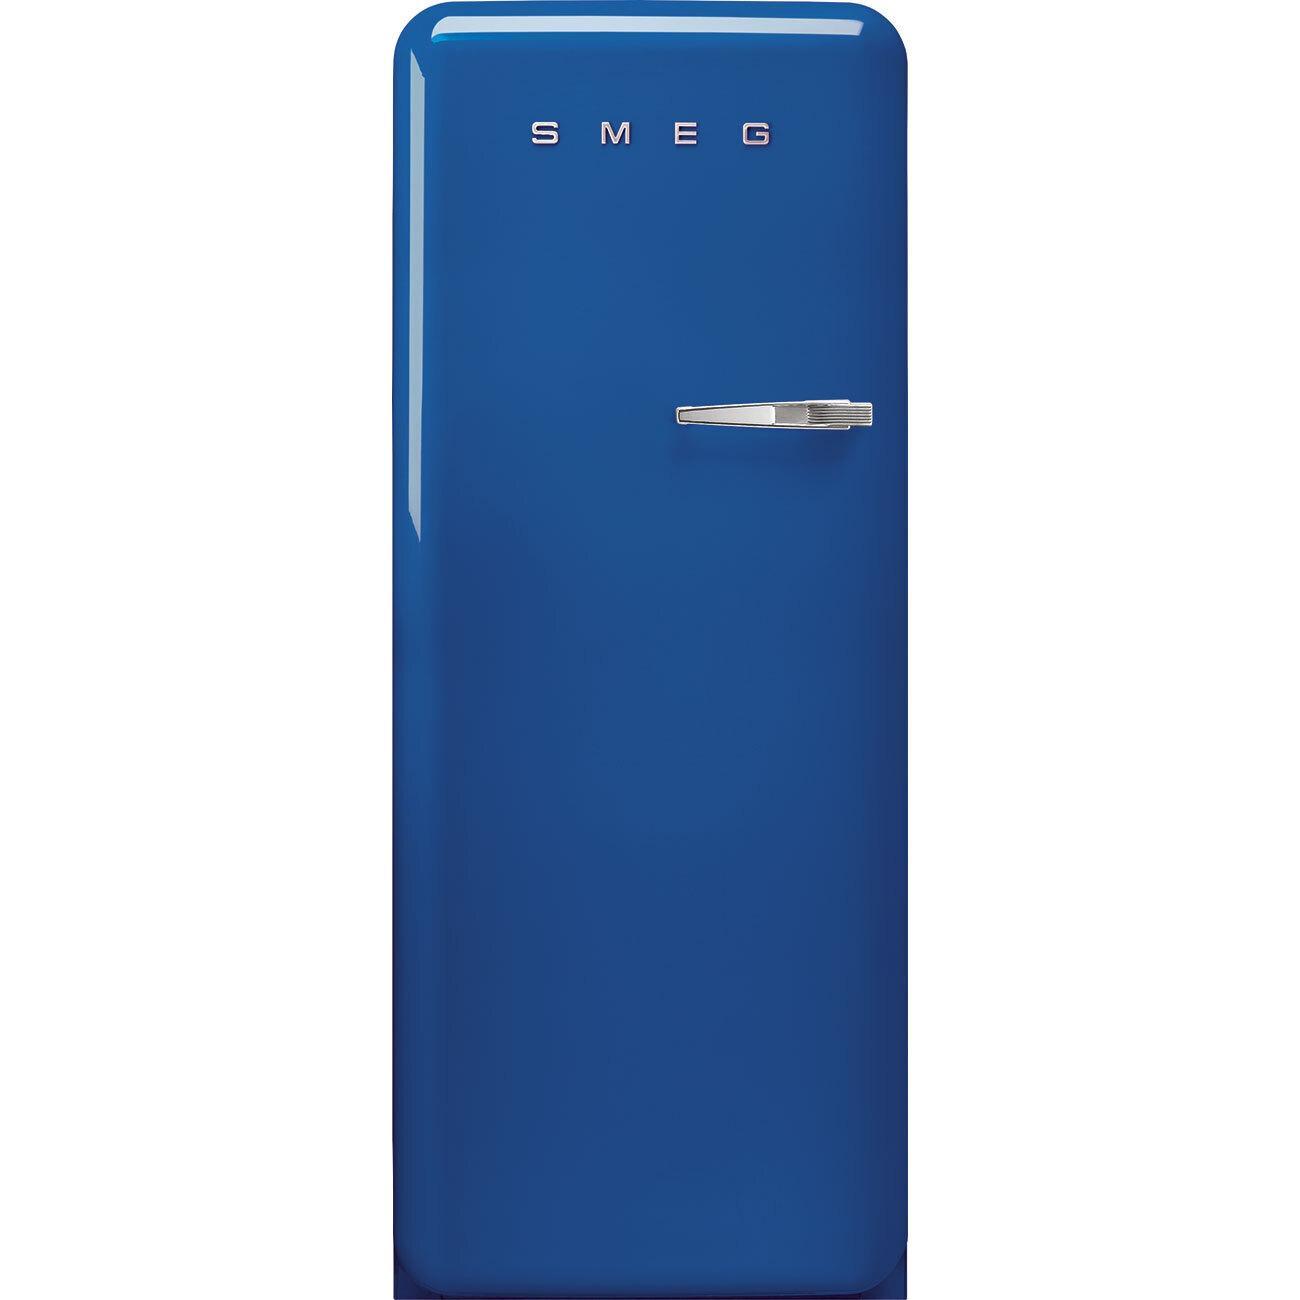 SmegRefrigerator Blue Fab28ulbe3